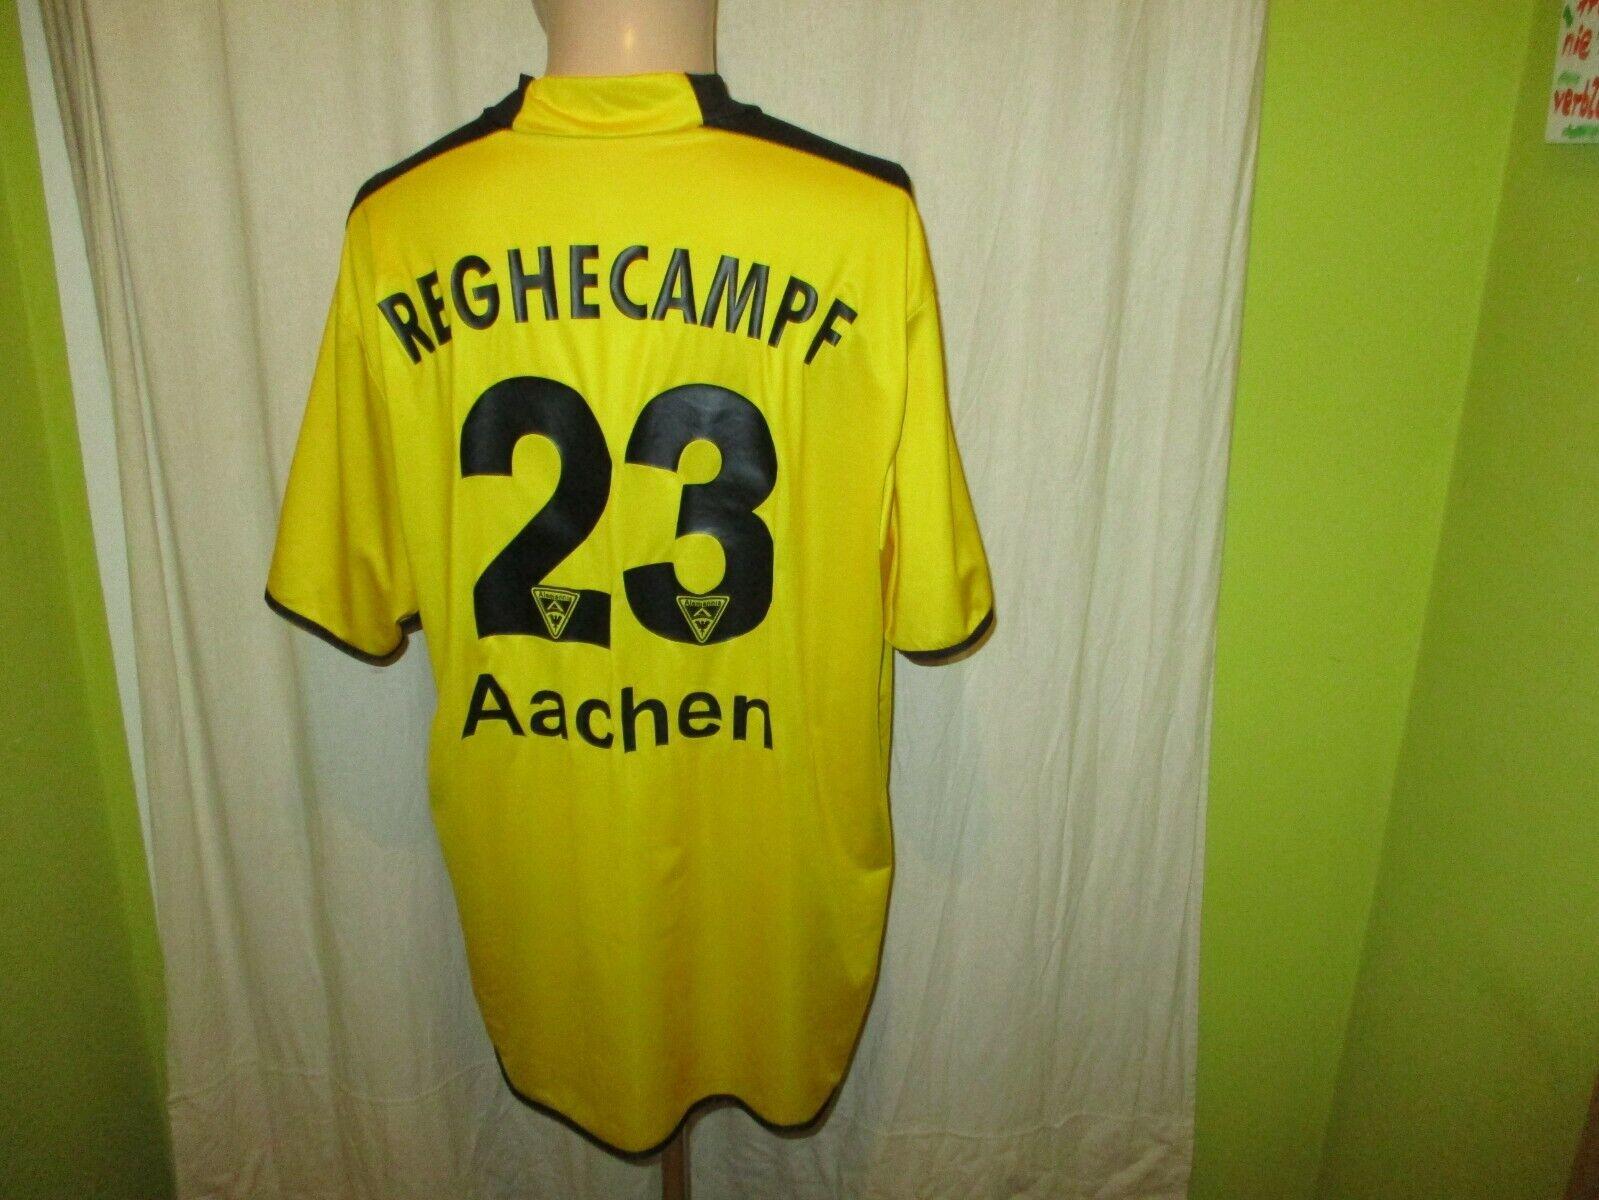 Alemannia Aachen Jako Jersey 2006 07  Aachen Munich  + No 23 reghecampf Größe XL